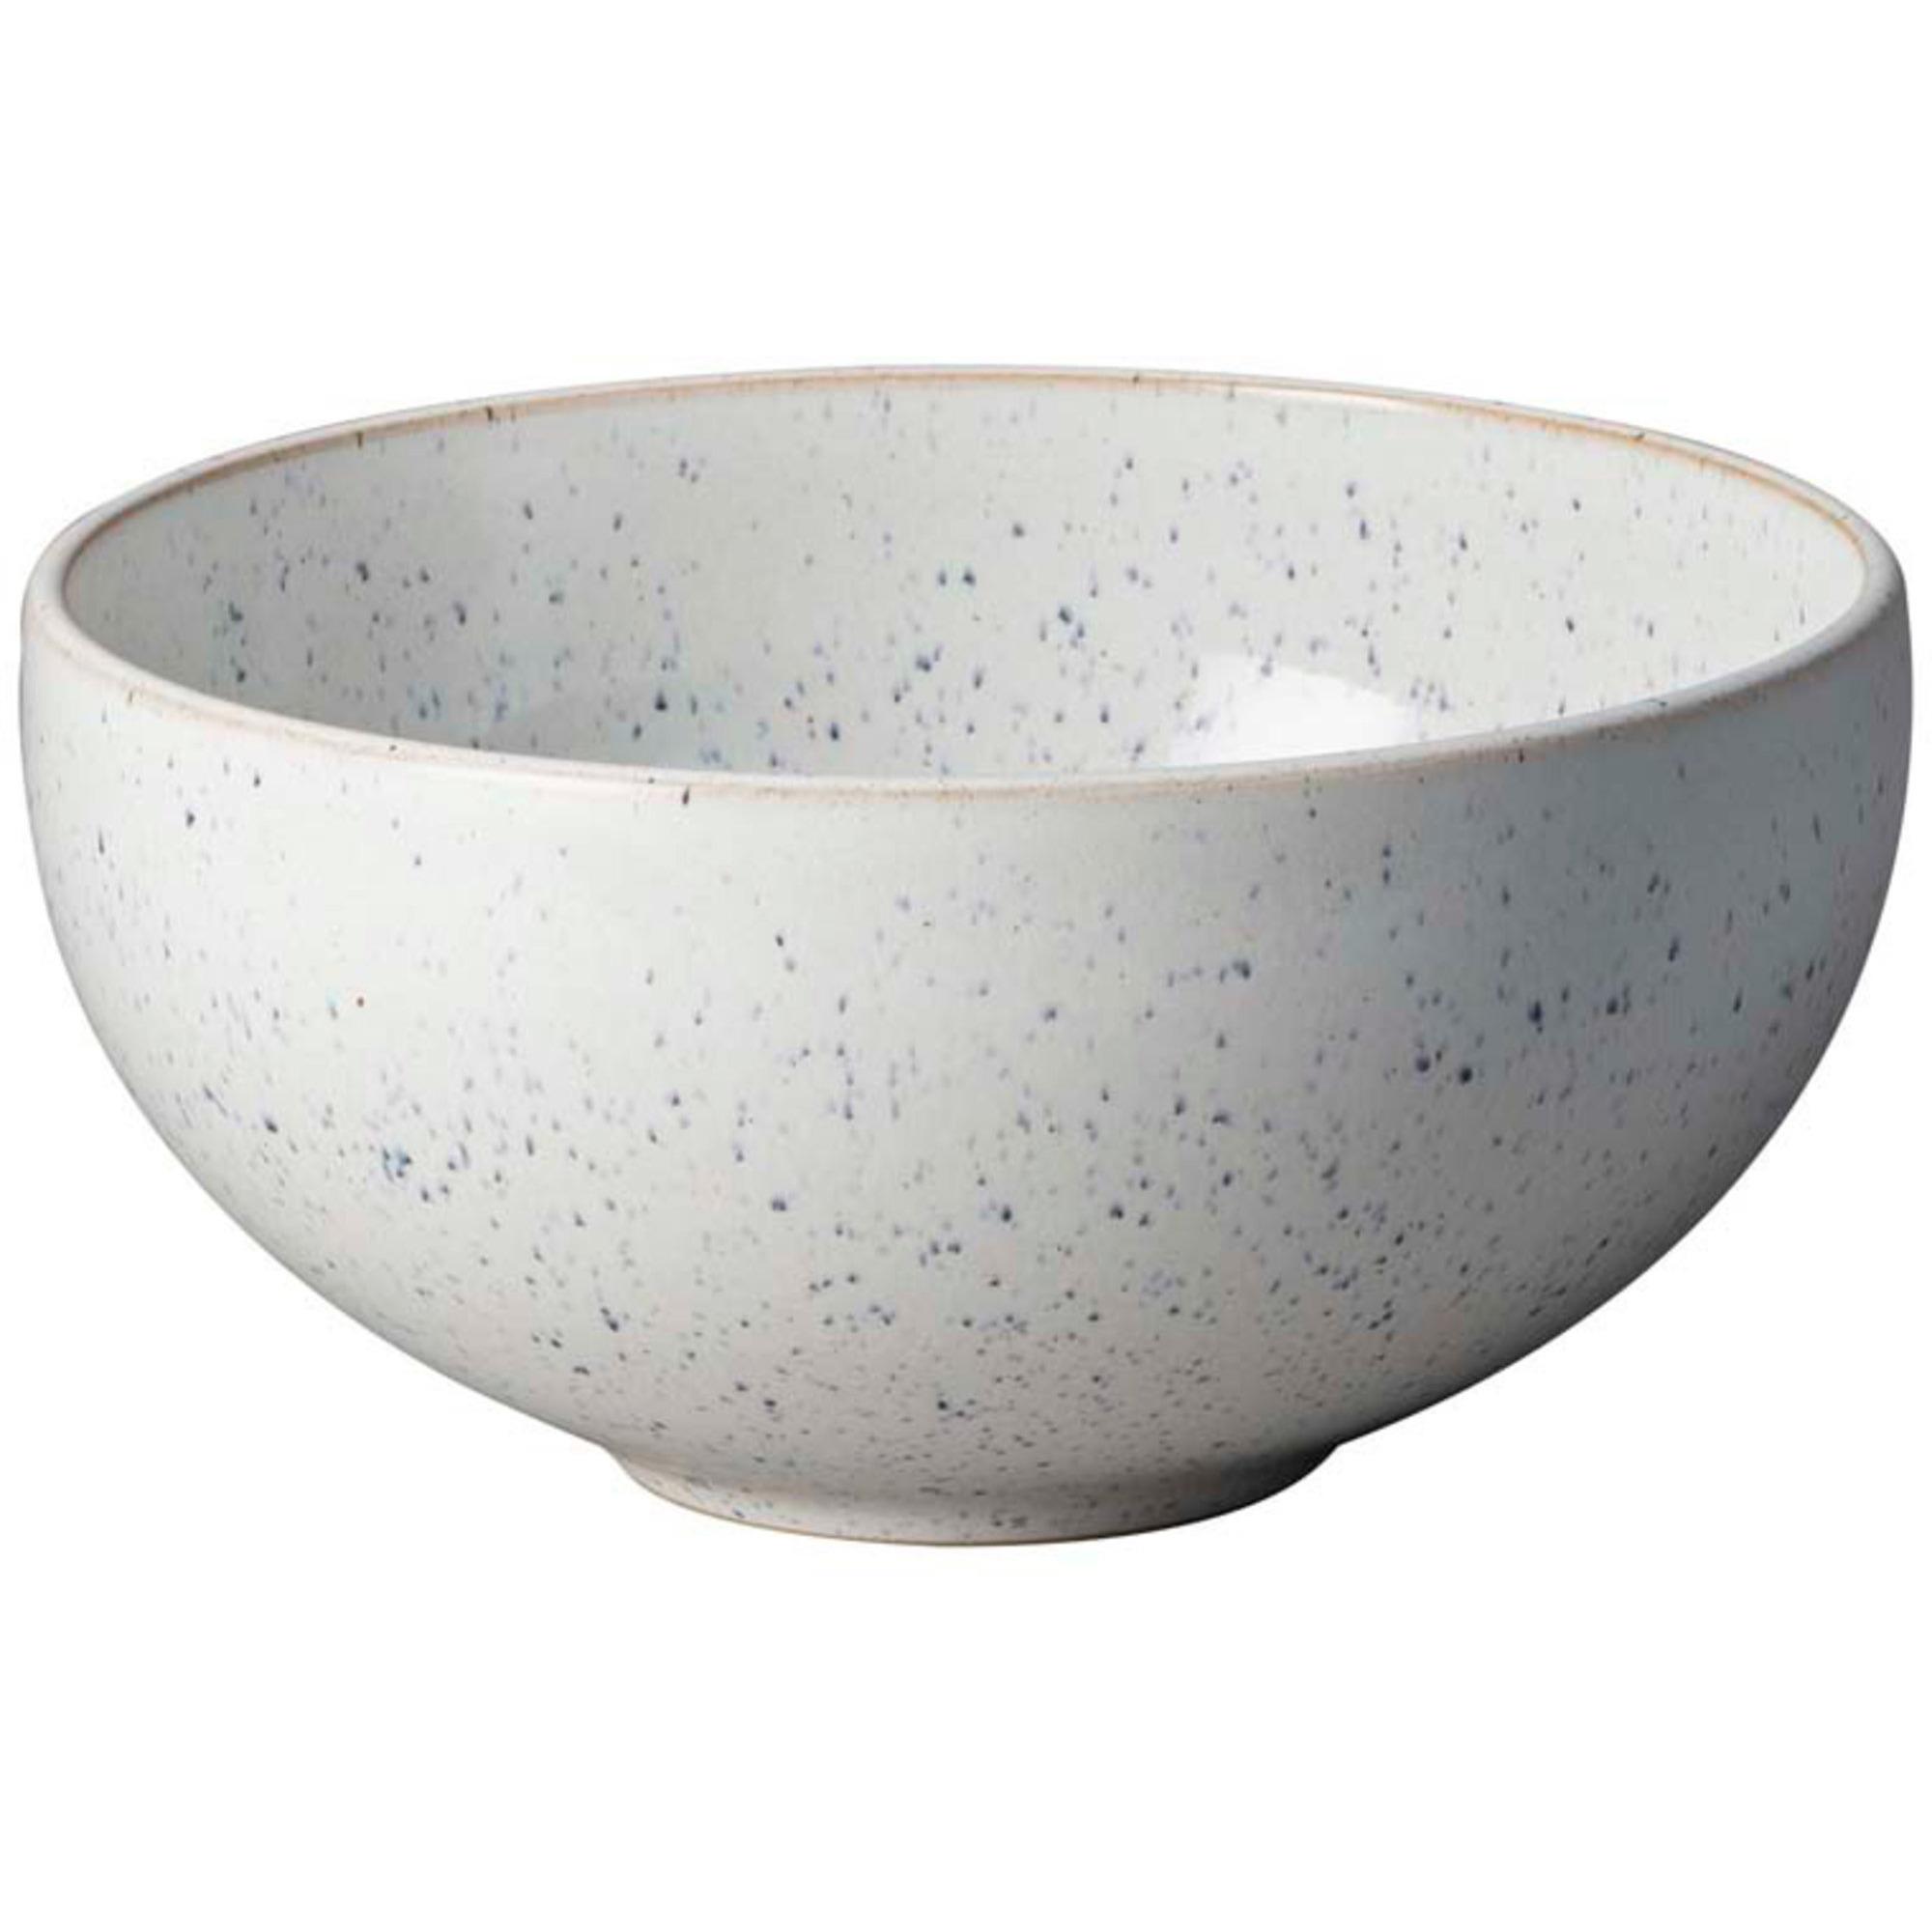 Denby Studio Blue Chalk Ramen/Noodle Bowl 175 cm